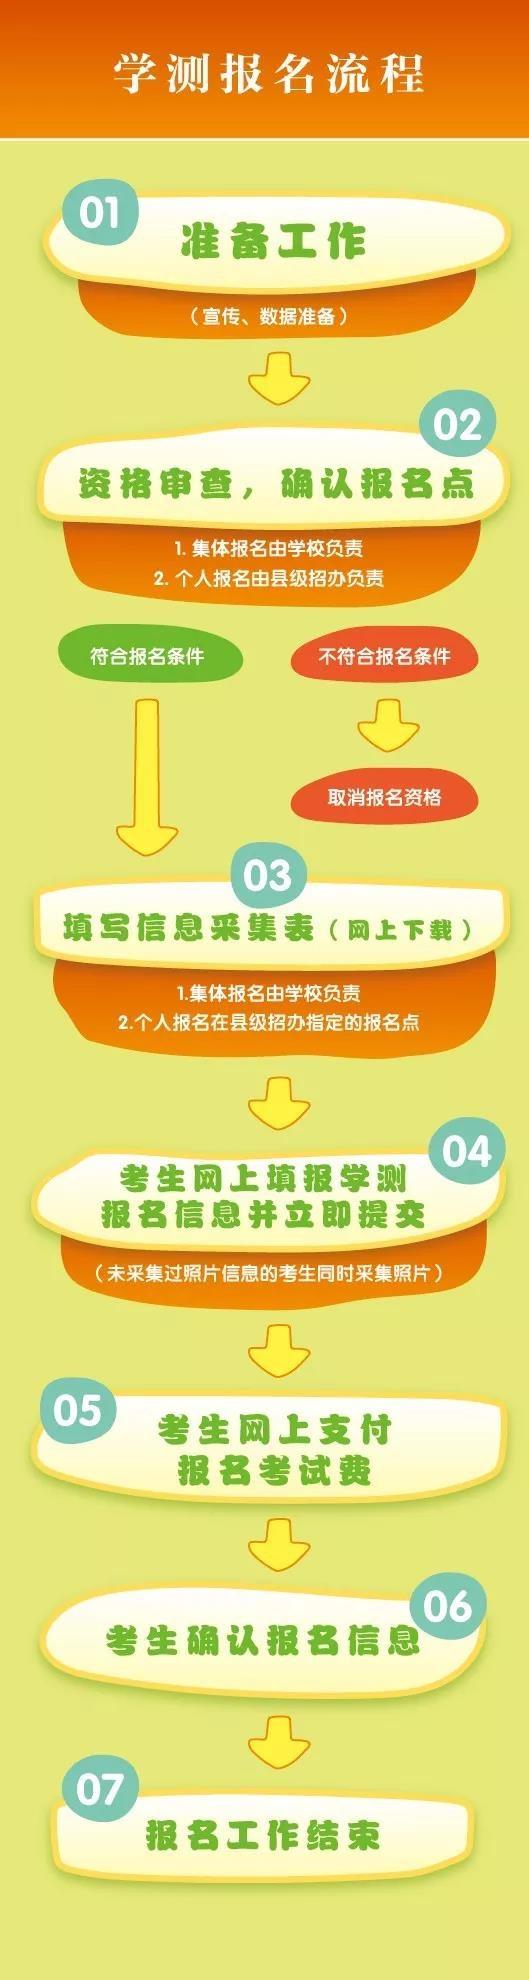 表情 江苏省学业水平测试报名流程图 江苏高考志愿填报系统 最专业权威的志愿 表情